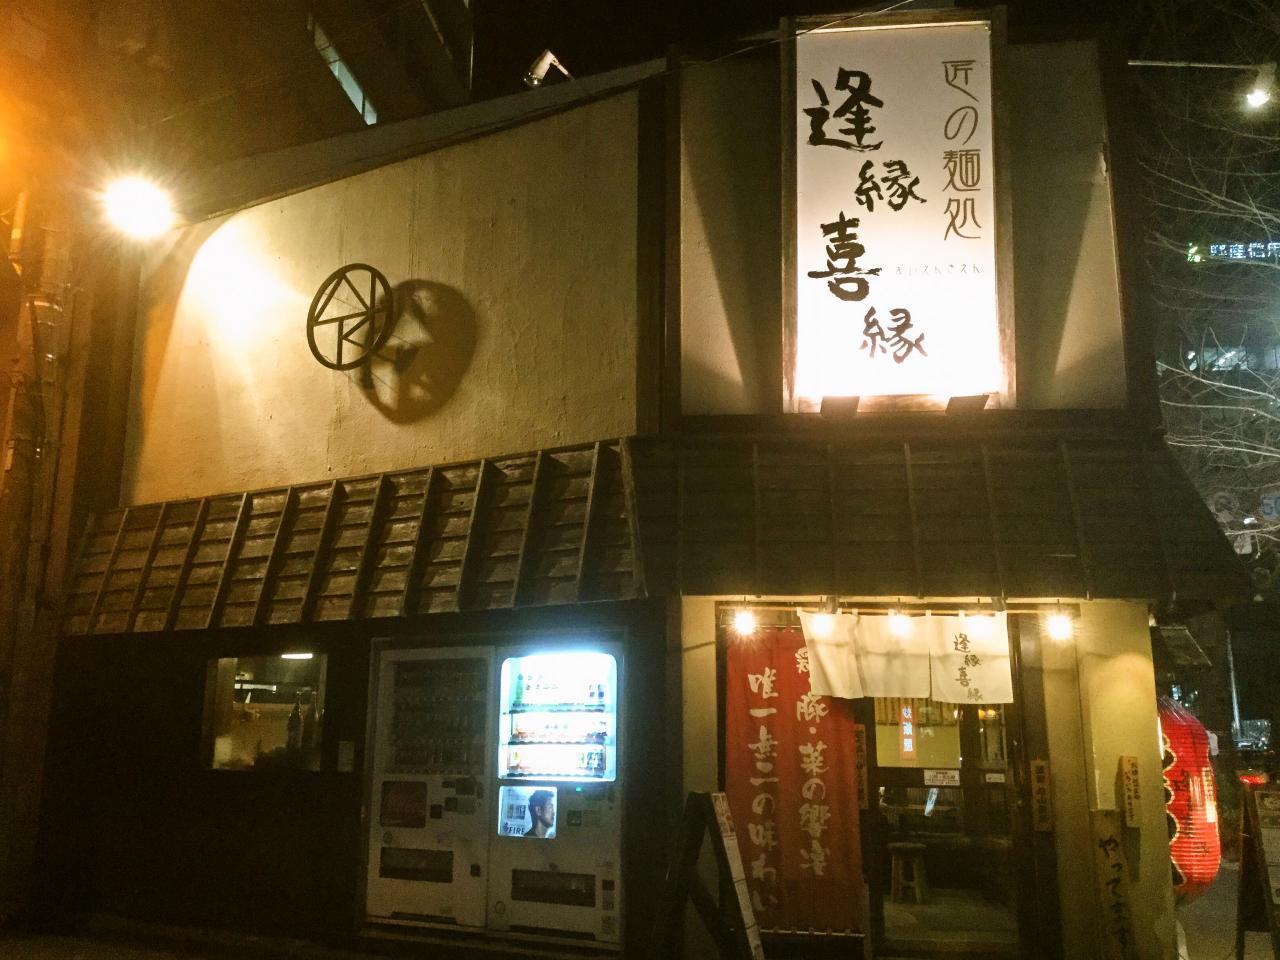 逢縁喜縁(店舗)